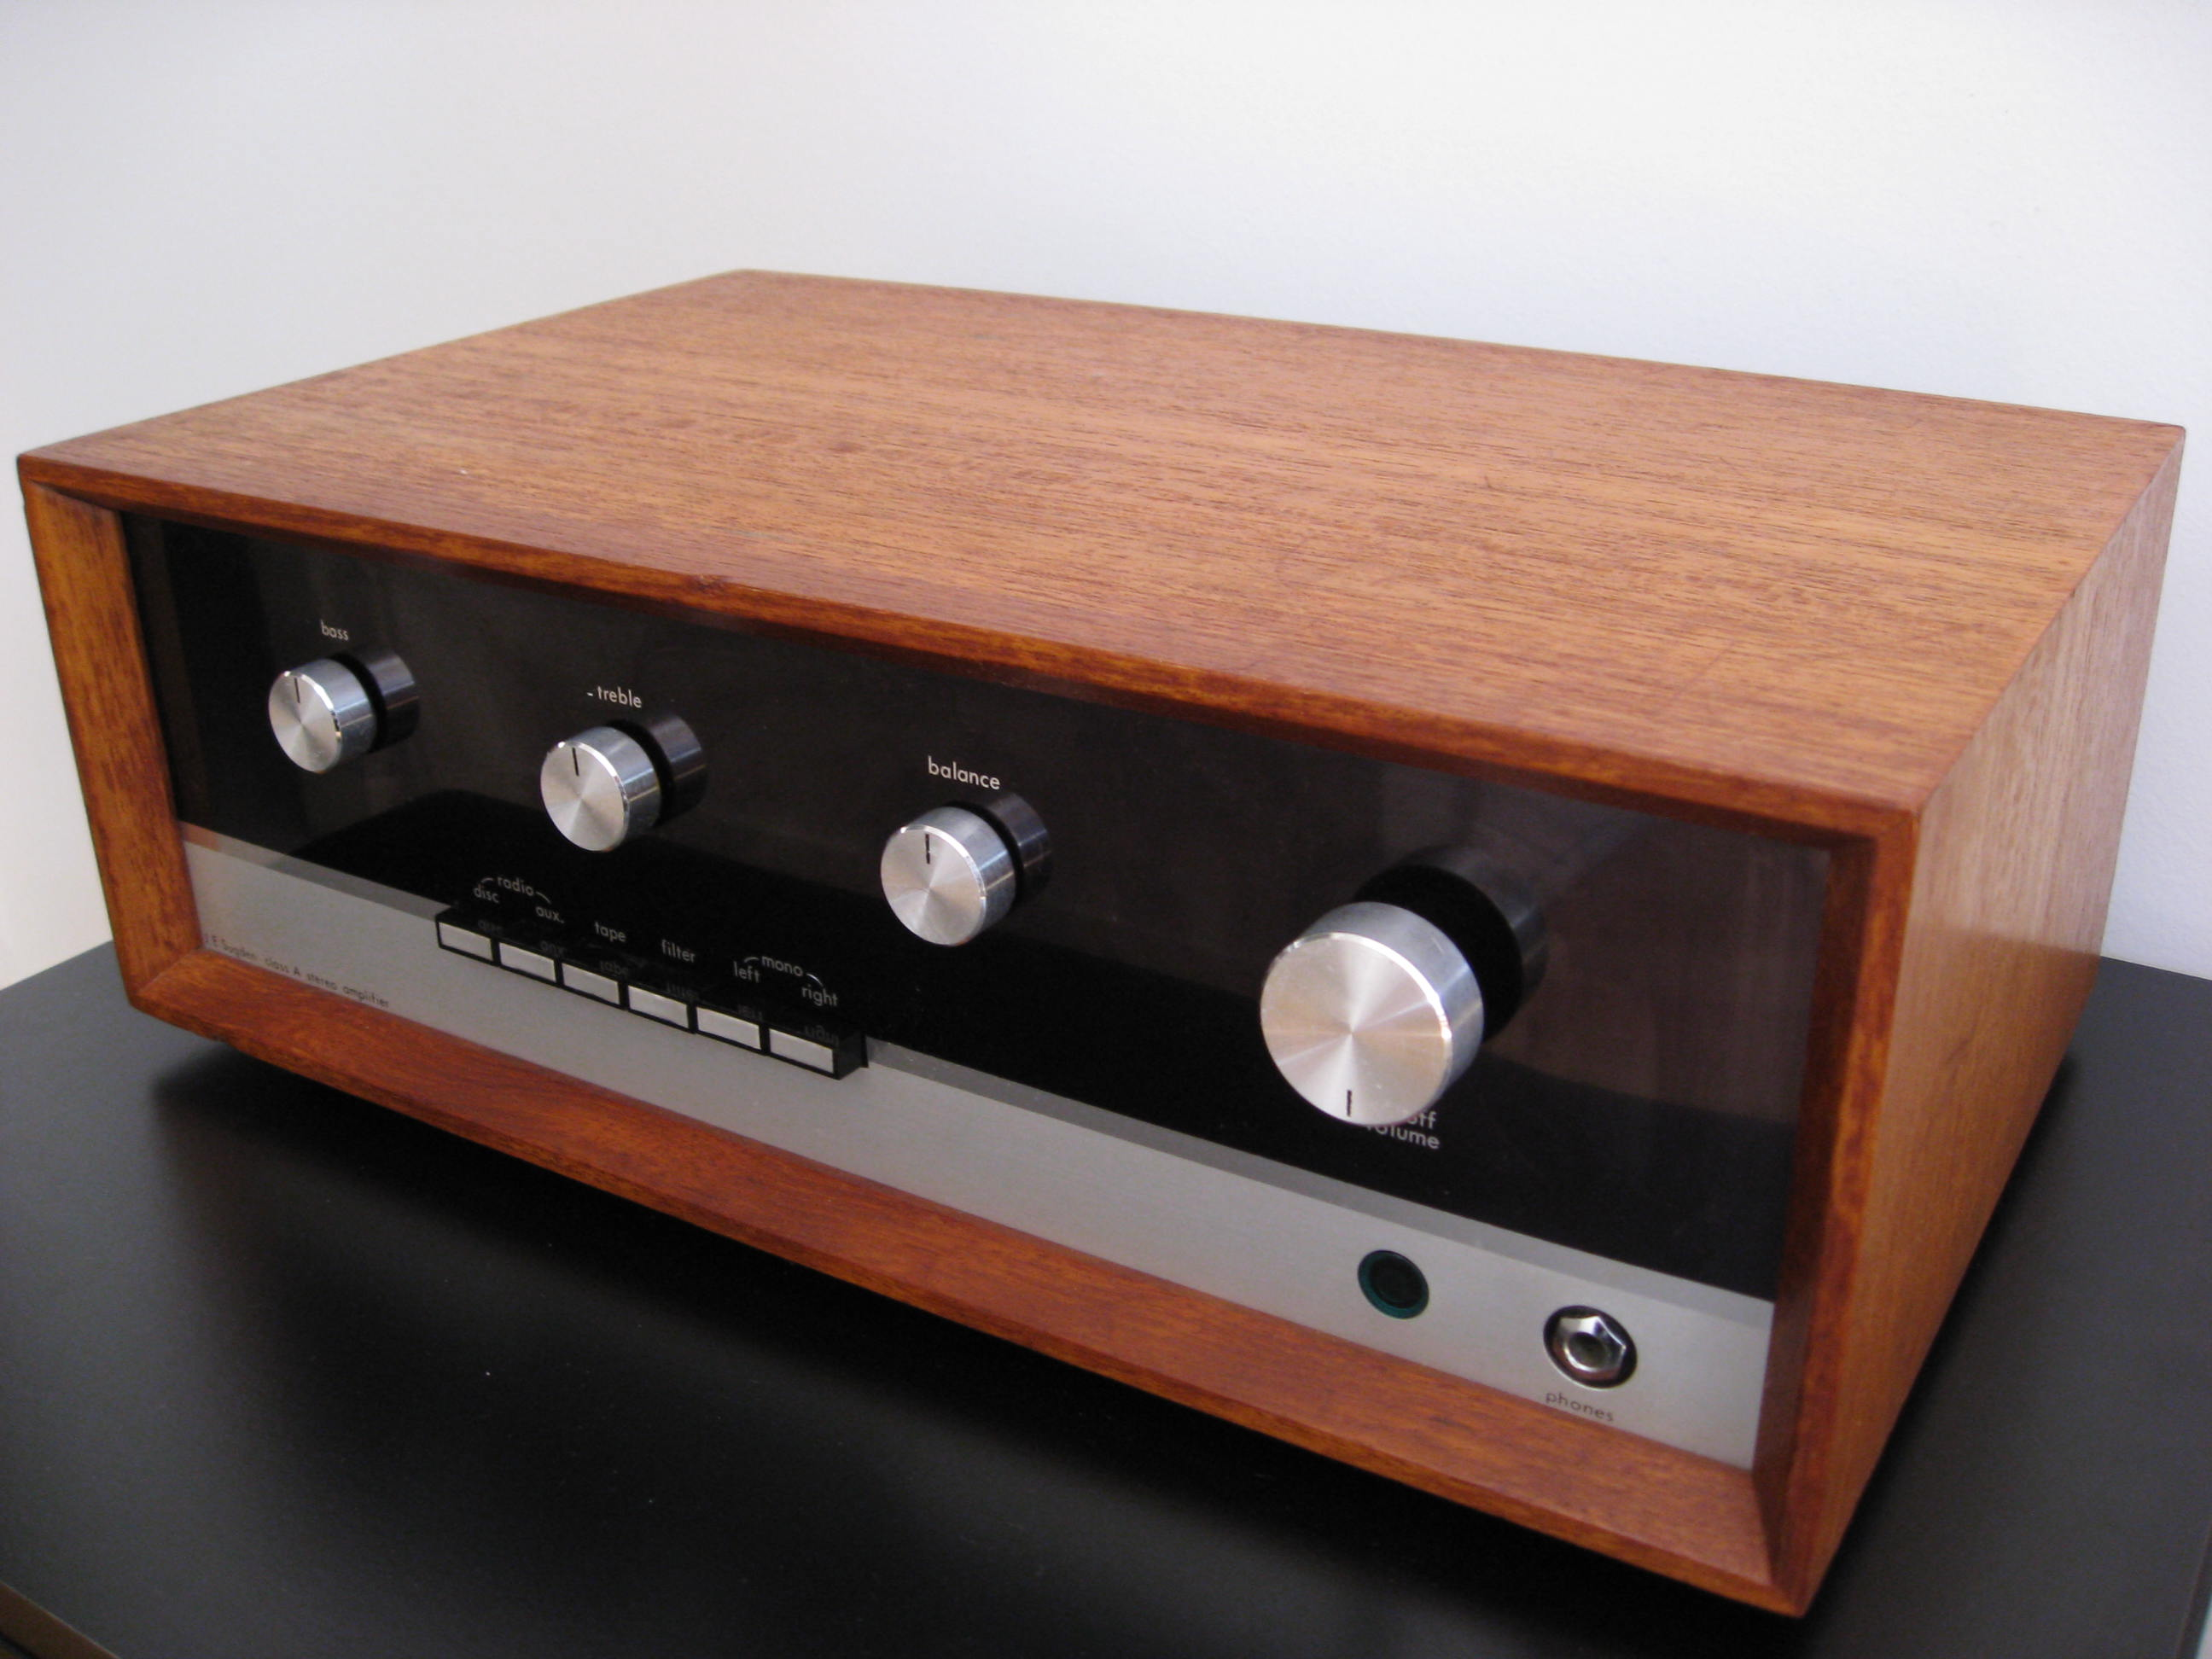 ¿Cual es vuestro amplificador vintage favorito? - Página 2 Sugden-a21-original-amplifier-6